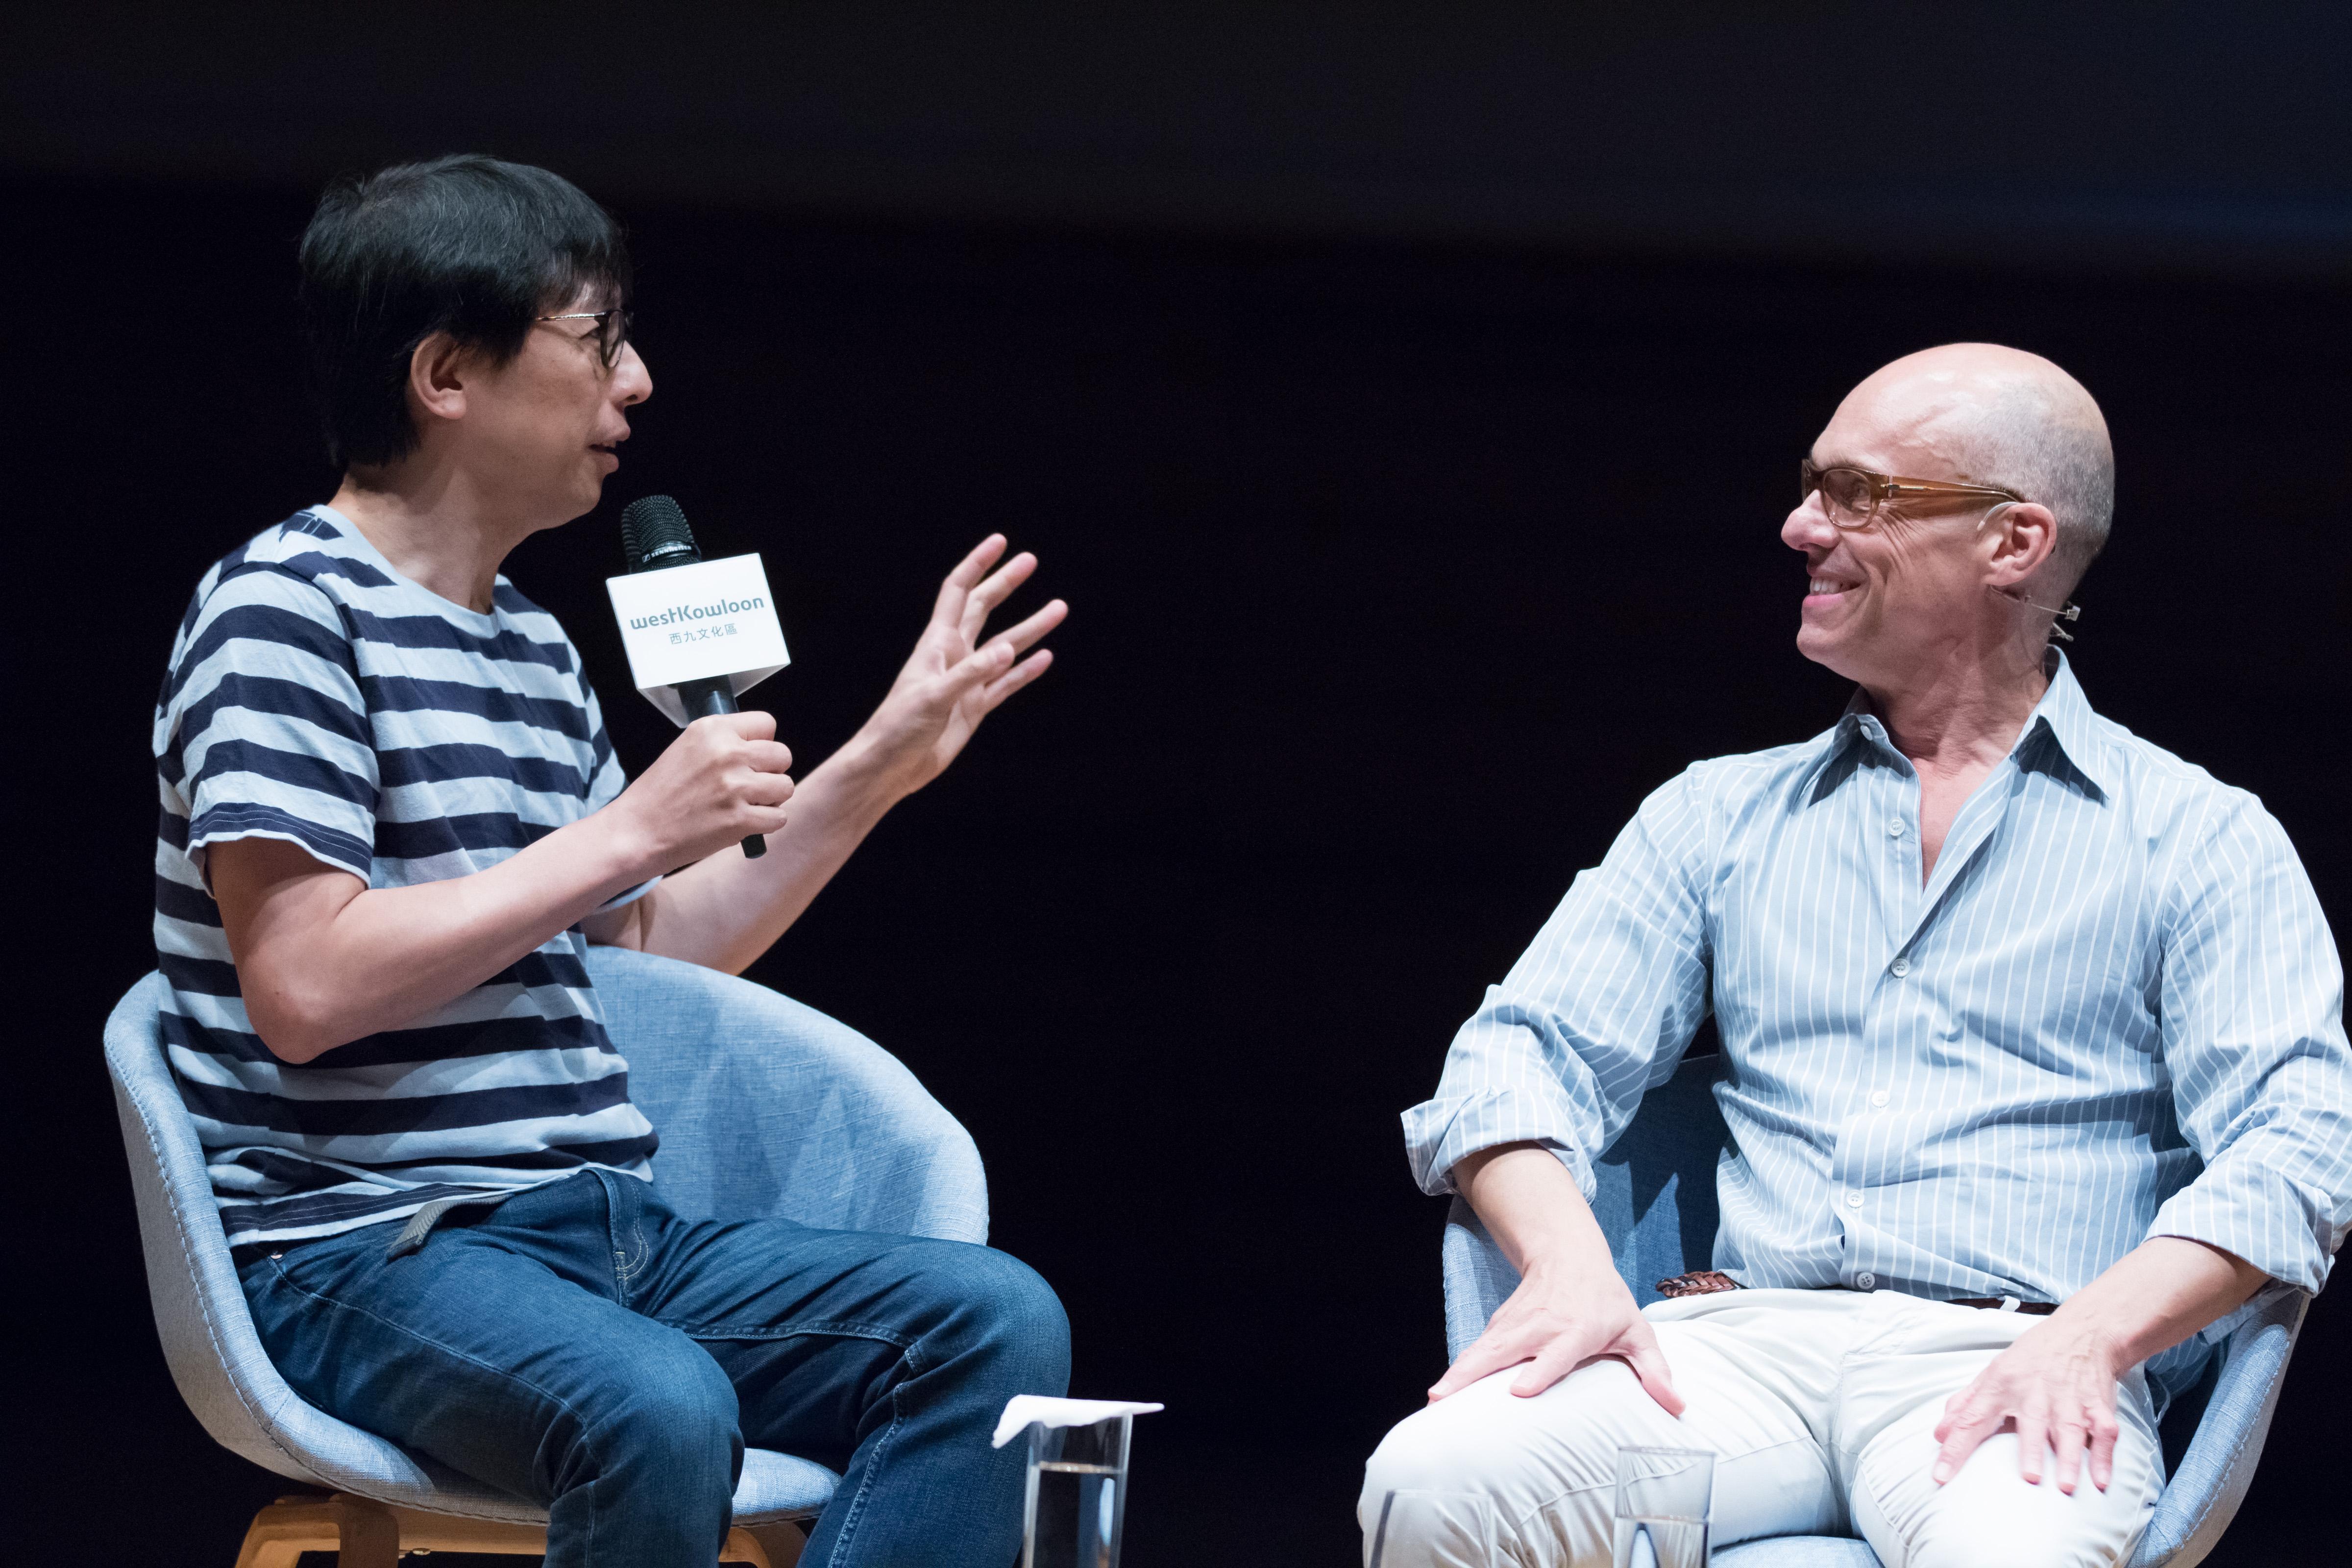 左:「非常林奕華」藝術總監林奕華 右:阿姆斯特丹劇團設計及攝影總監恩.瓦斯維費爾德(Jan Versweyveld)